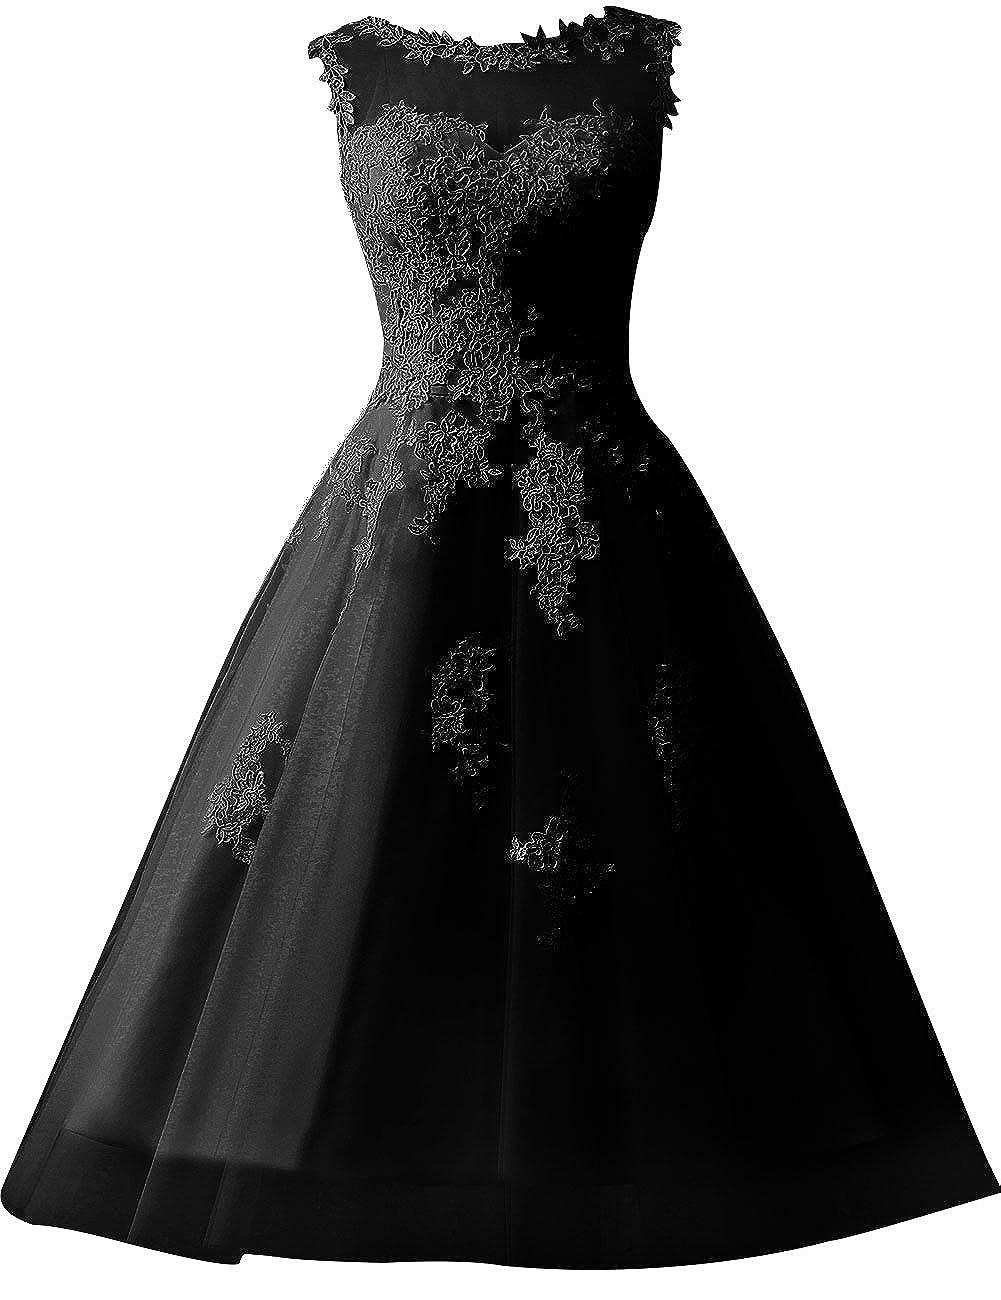 JAEDEN Wedding Dress Lace Bride Dresses Short Wedding Gown Tulle Vintage Bridal Dress Appliques E607-H